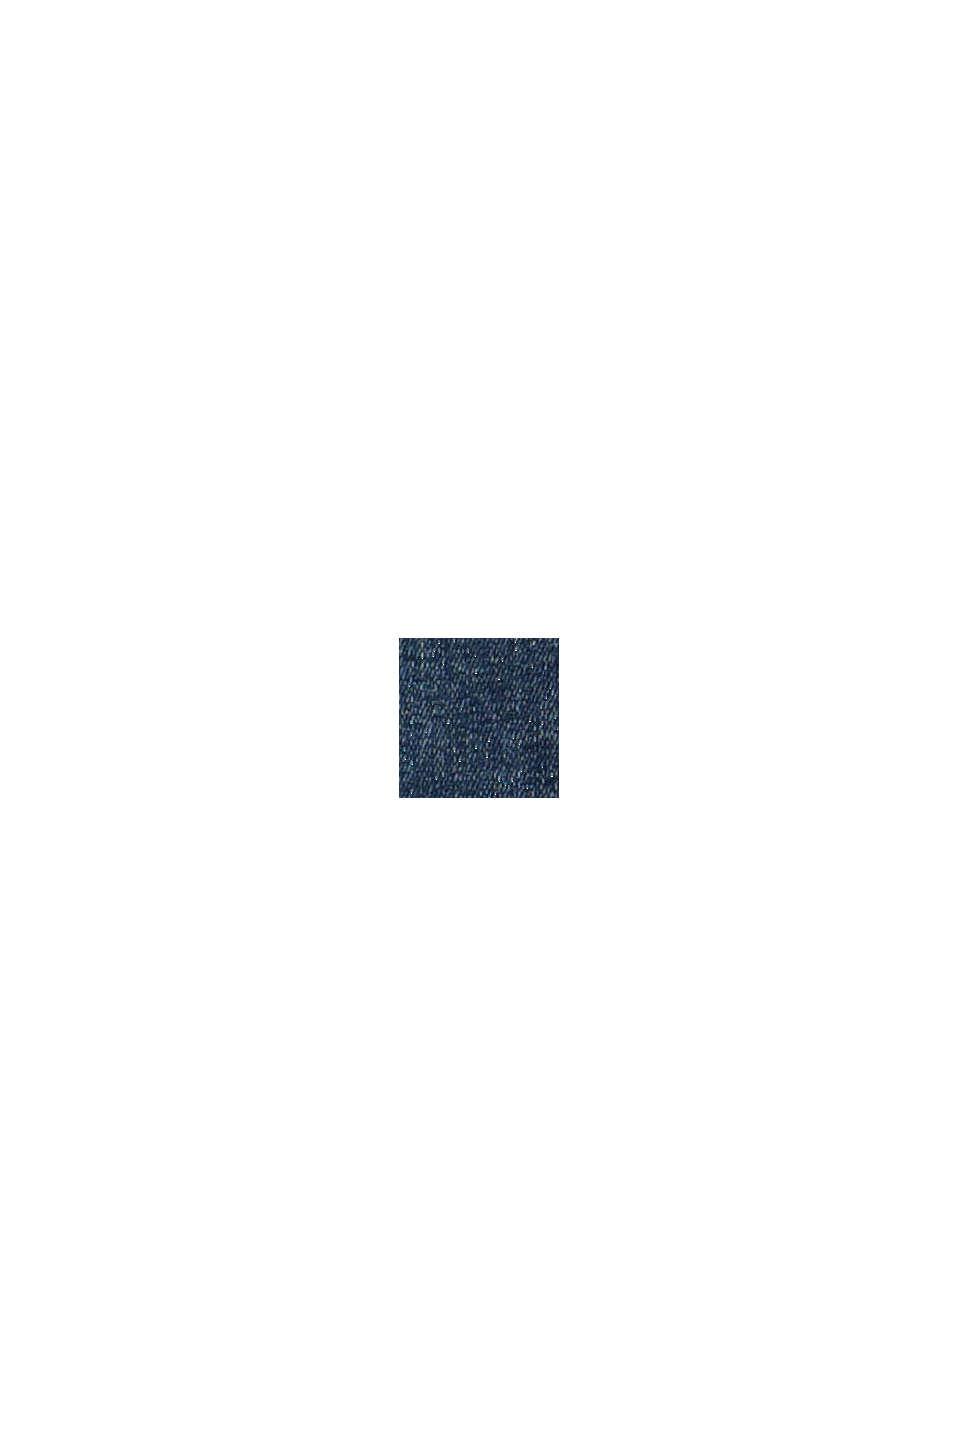 CURVY: strečové džíny s bio bavlnou, BLUE DARK WASHED, swatch